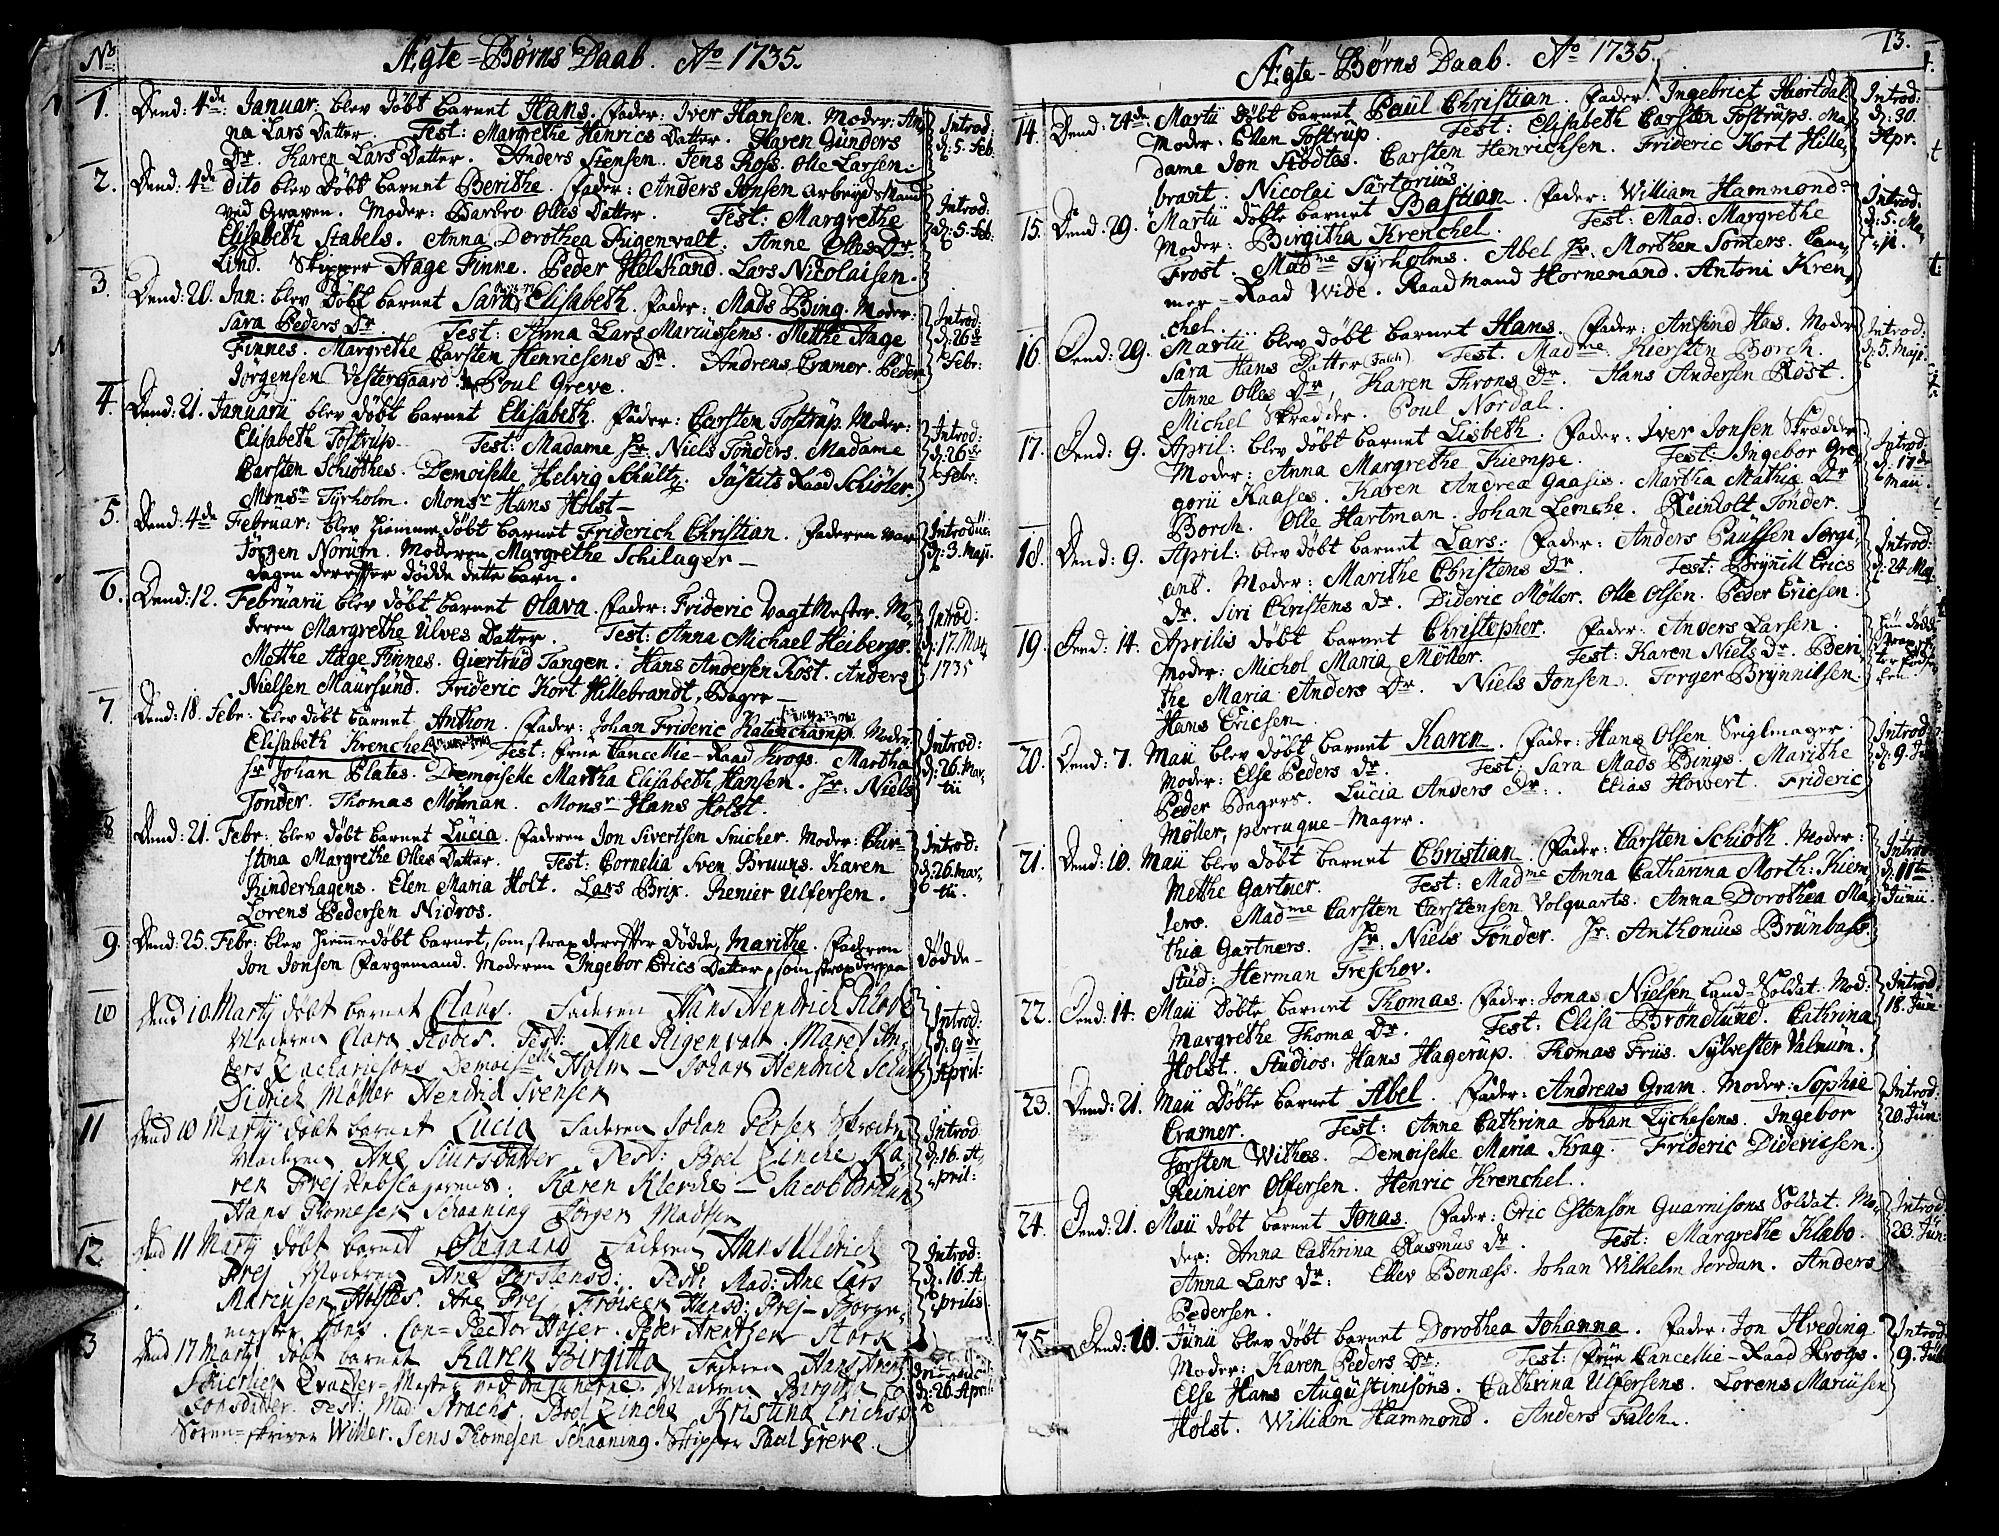 SAT, Ministerialprotokoller, klokkerbøker og fødselsregistre - Sør-Trøndelag, 602/L0103: Ministerialbok nr. 602A01, 1732-1774, s. 13